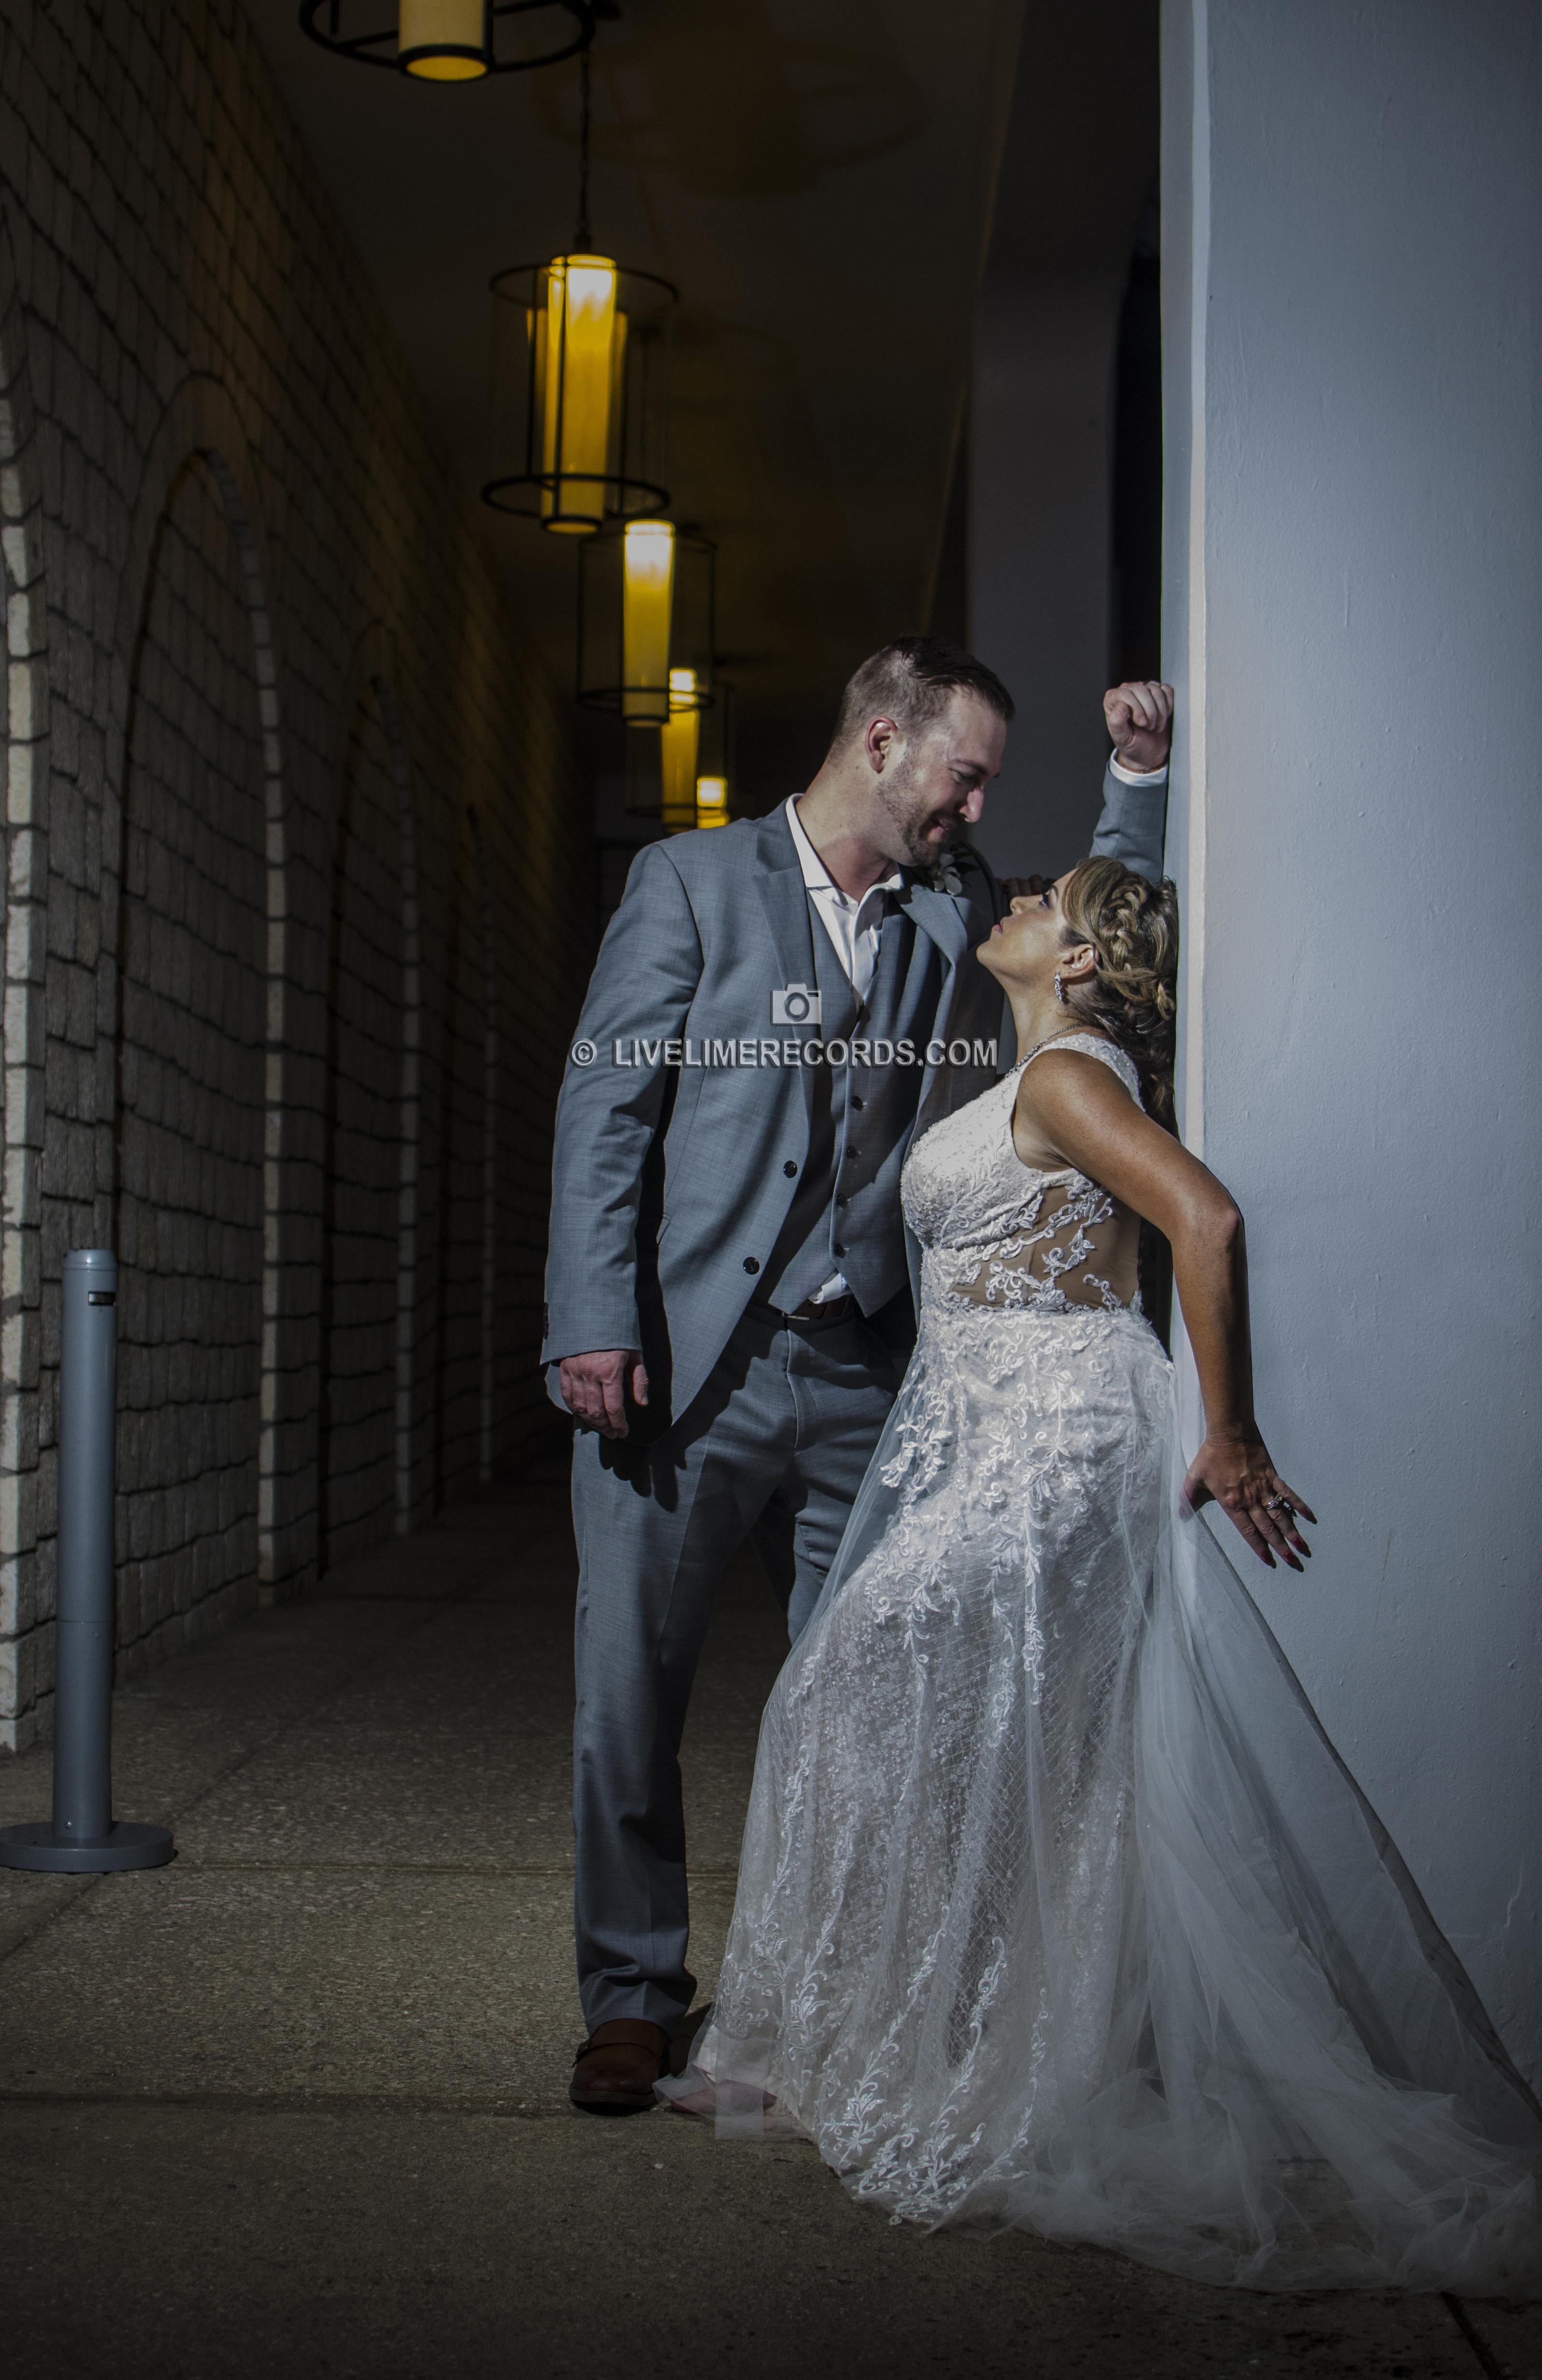 Montego Bay Wedding Photographer - Kevin Wright - LiveLimeRecords Photography